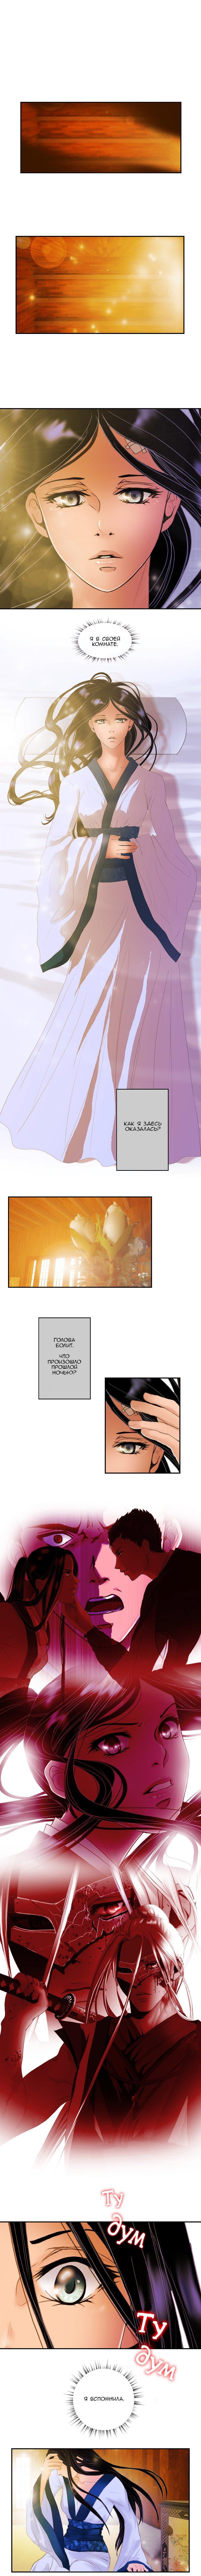 Манга Мой дорогой хладнокровный король - Глава 19 Страница 1